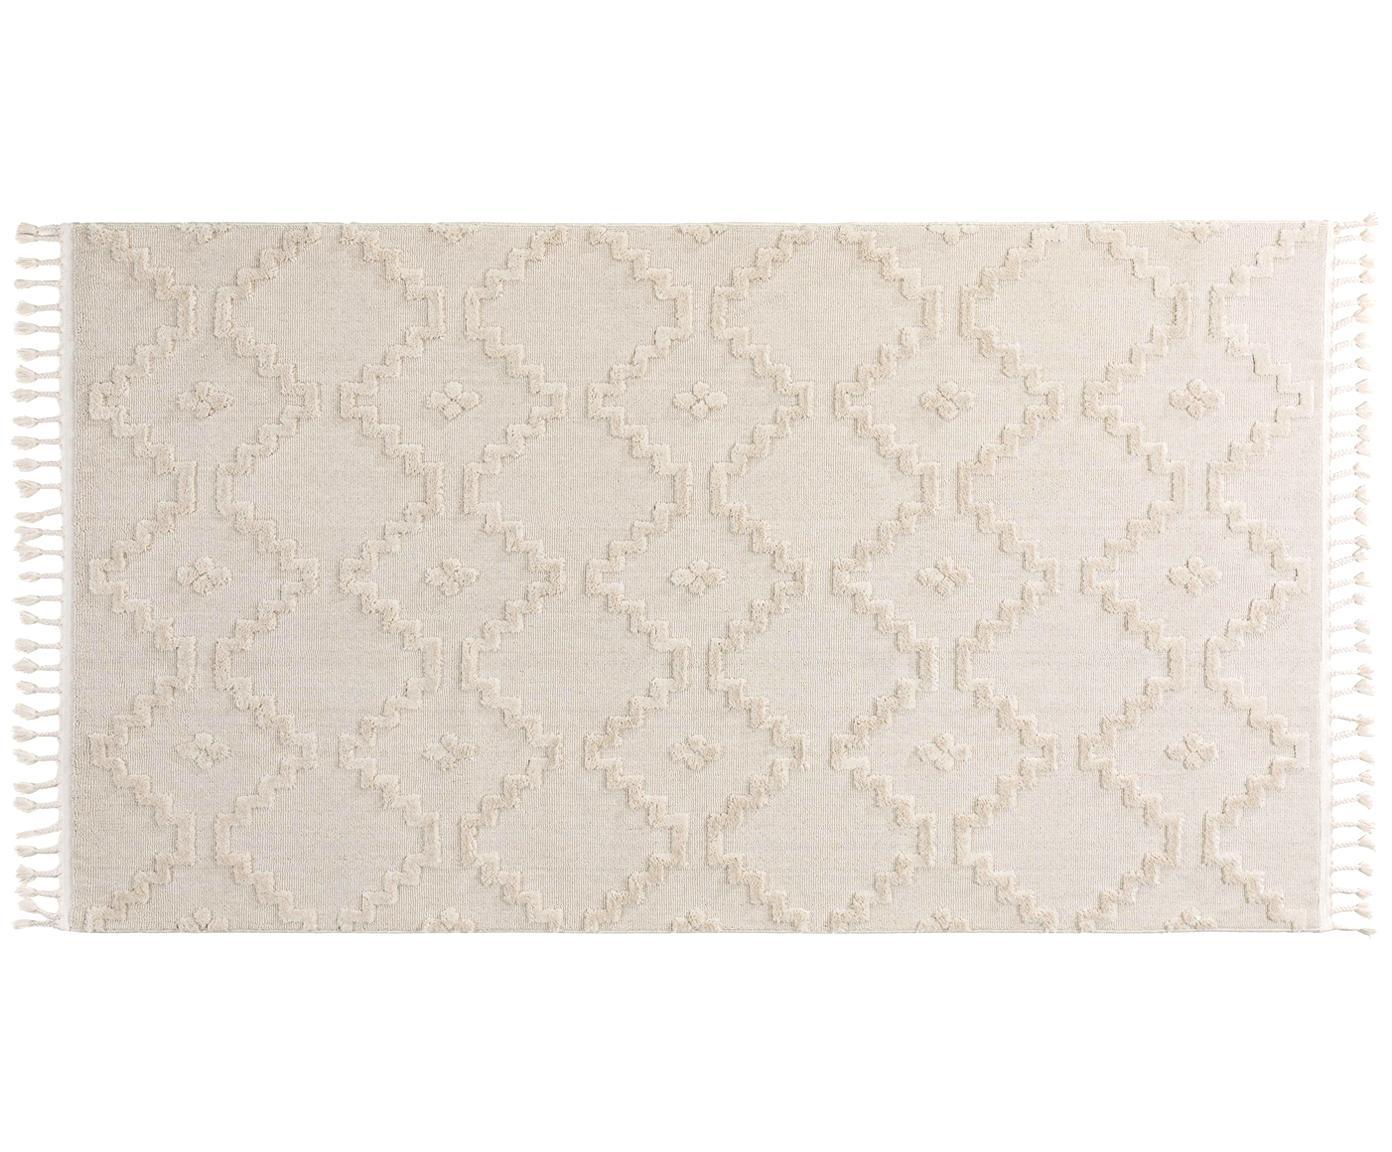 Vloerkleed Oyo in crème kleur met optisch reliëf, Bovenzijde: polyester, Onderzijde: katoen, Crèmekleurig, B 80 x L 150 cm (maat XS)